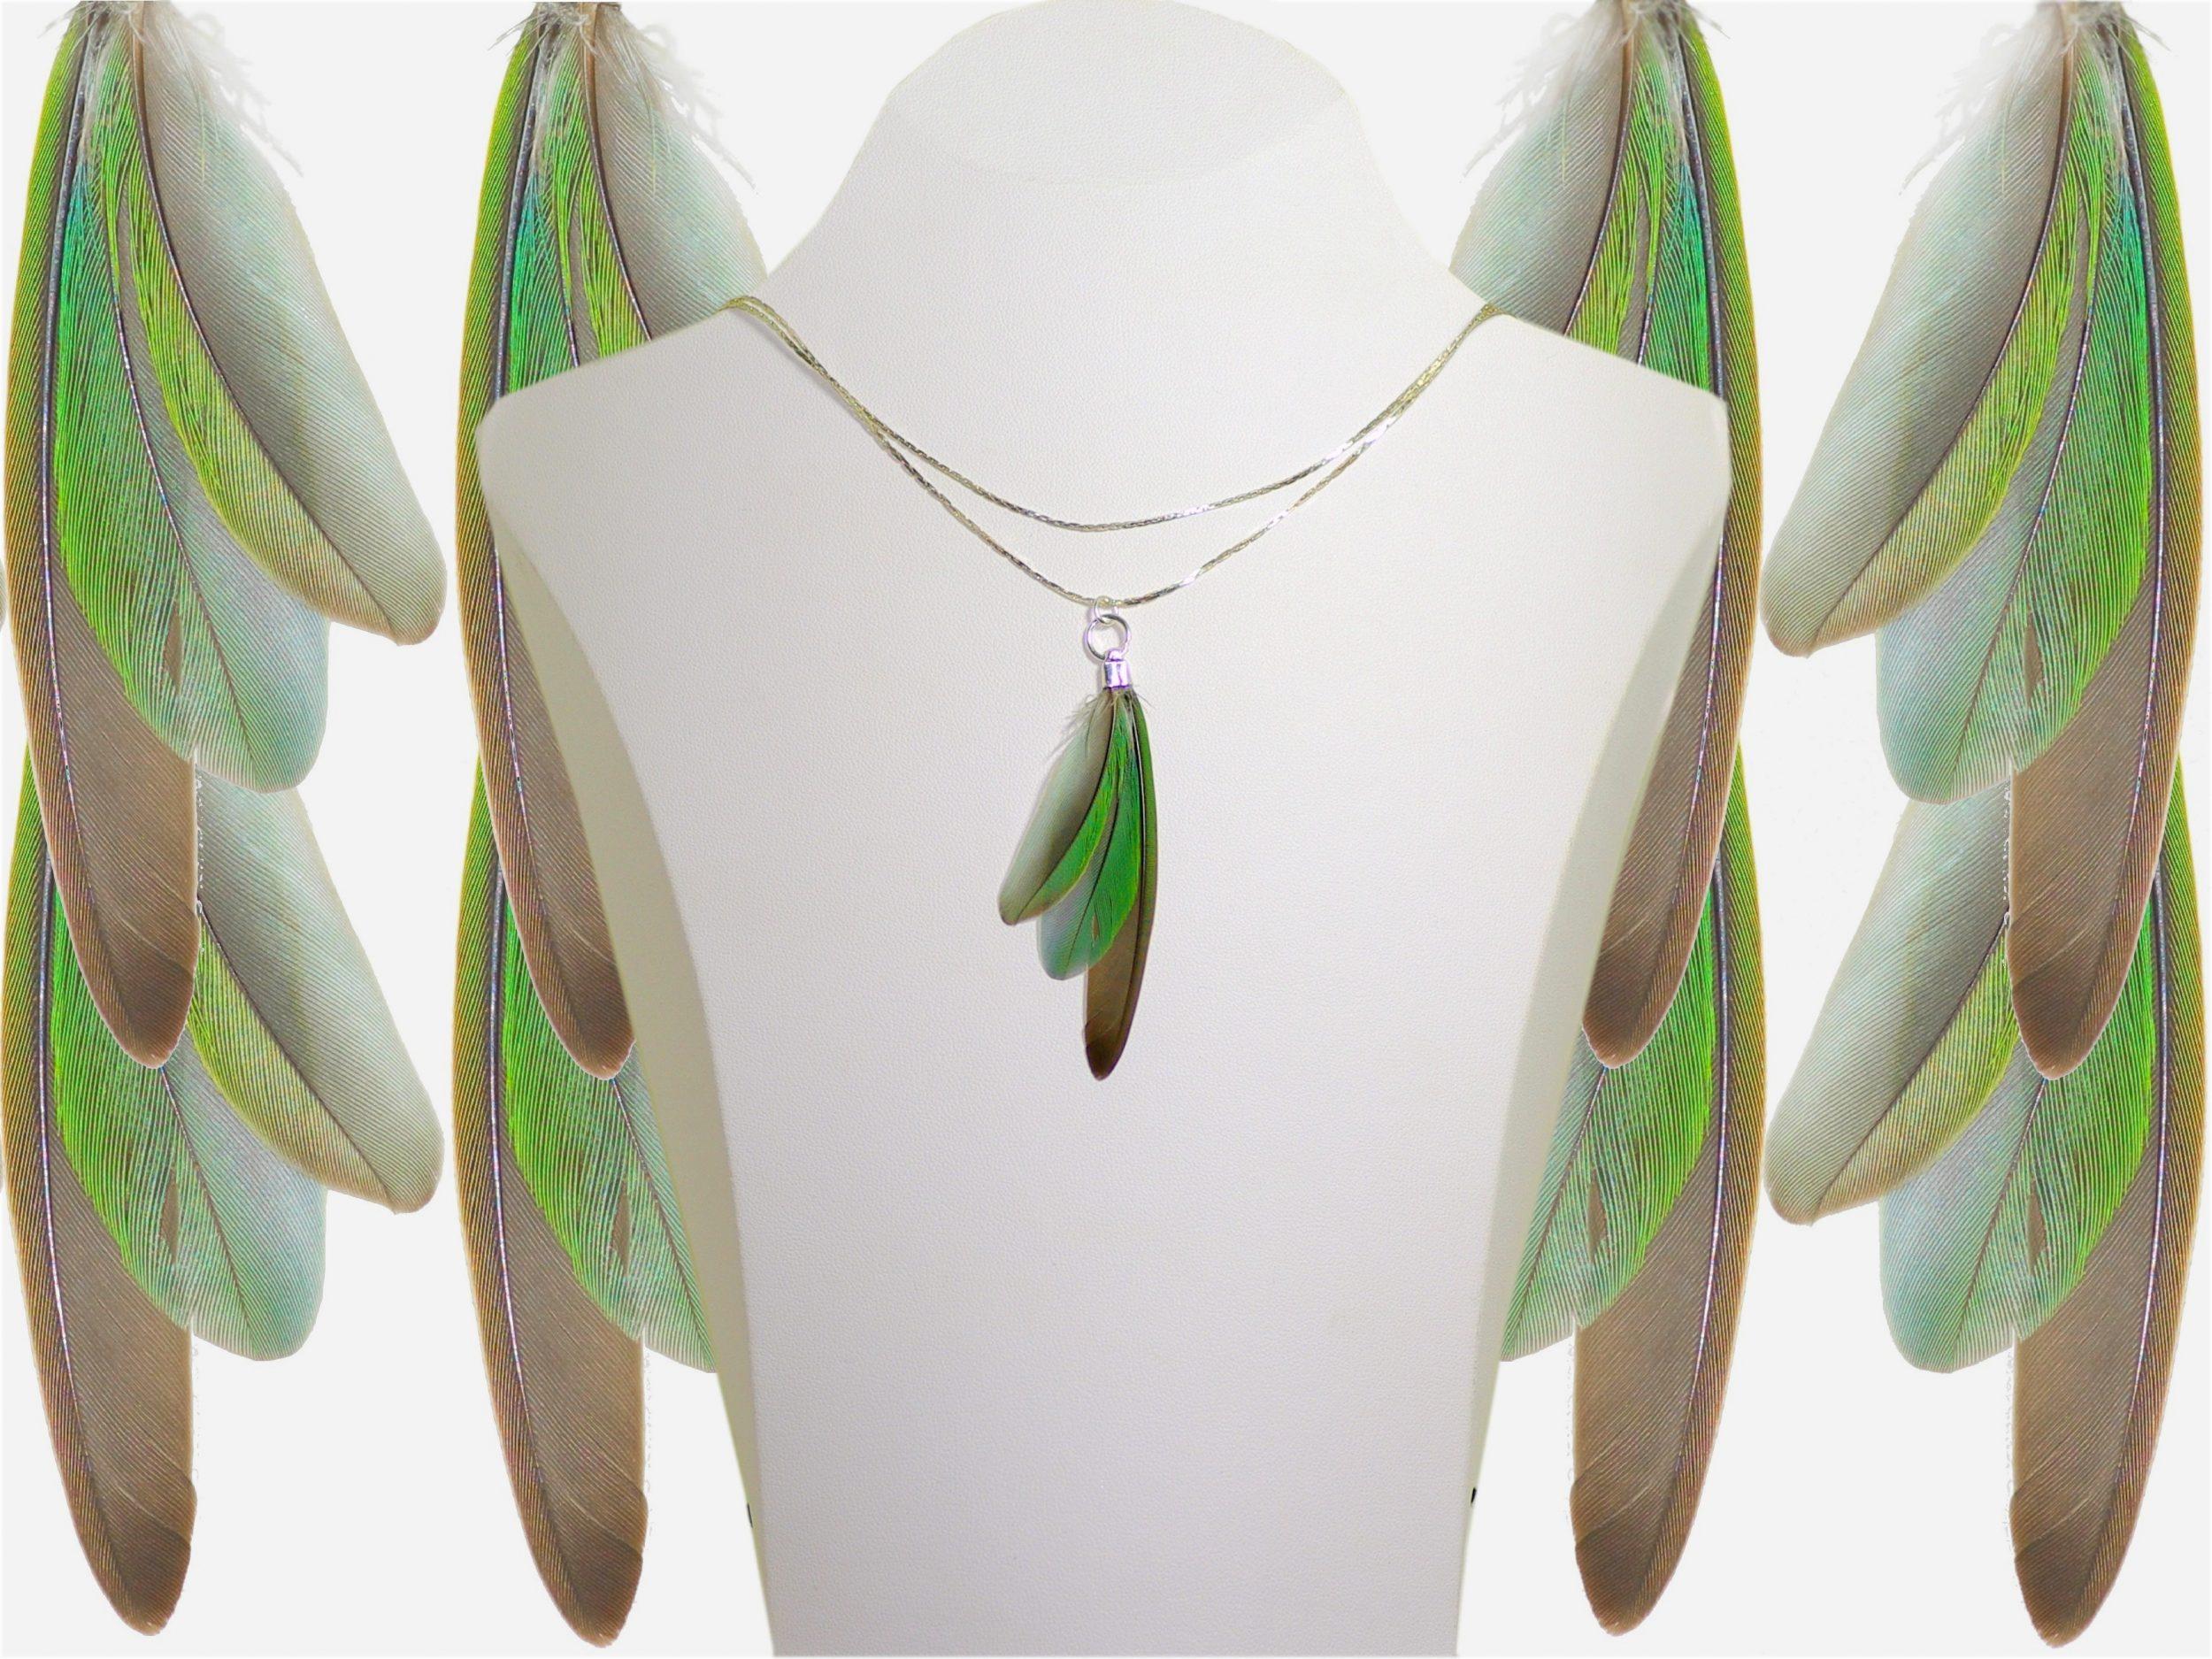 collier avec un pendentif plumes en éventail, plumes vert-gris, chaînes argentées